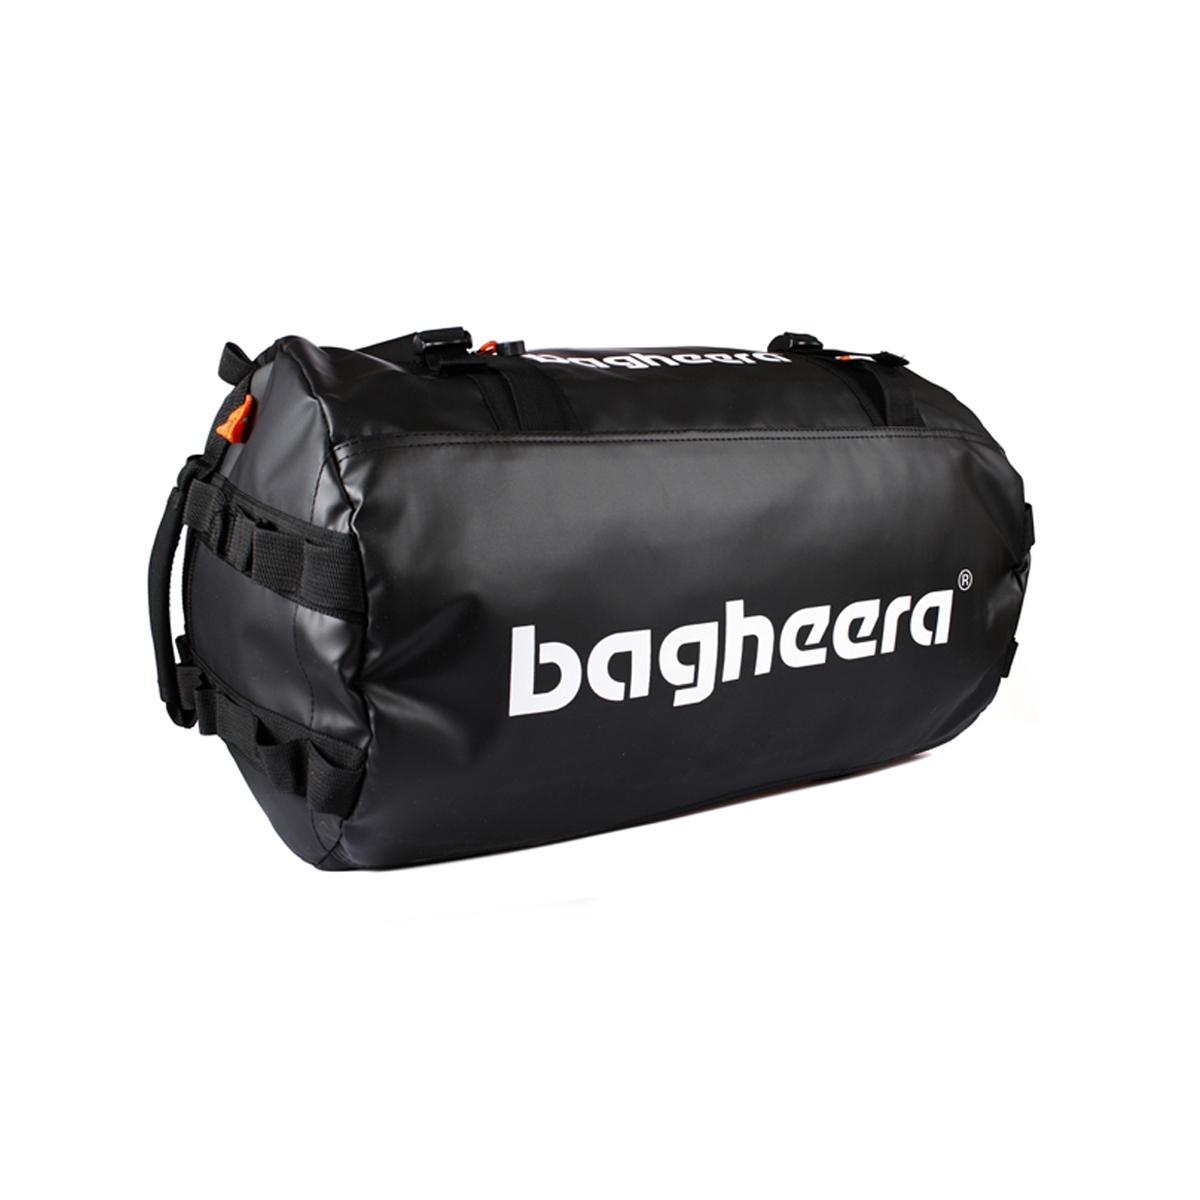 bagheera_duffel